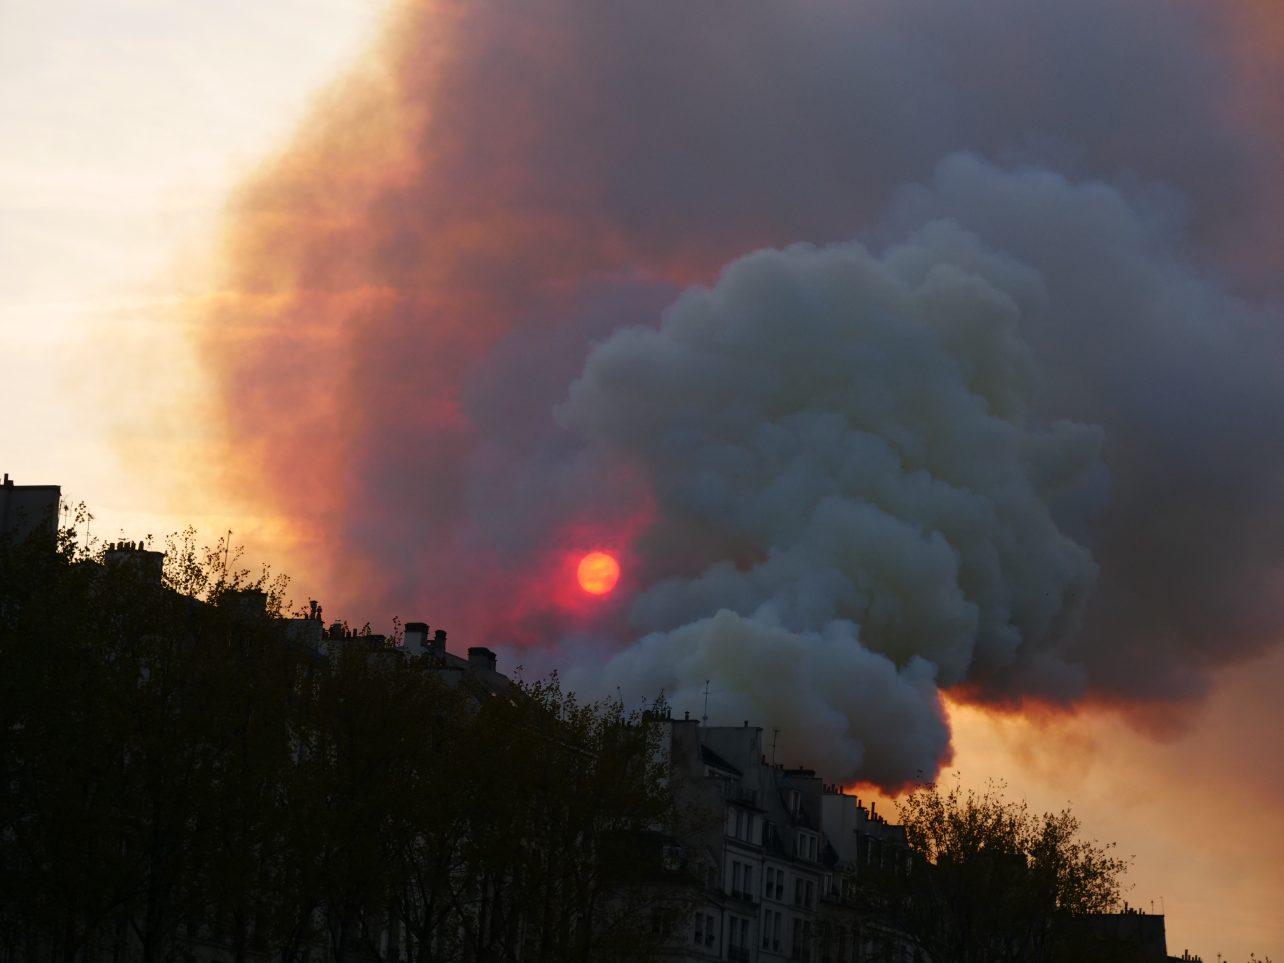 Un épais nuage s'élevant de l'île de la cité, aucun doute sur l'intensité de l'incendie